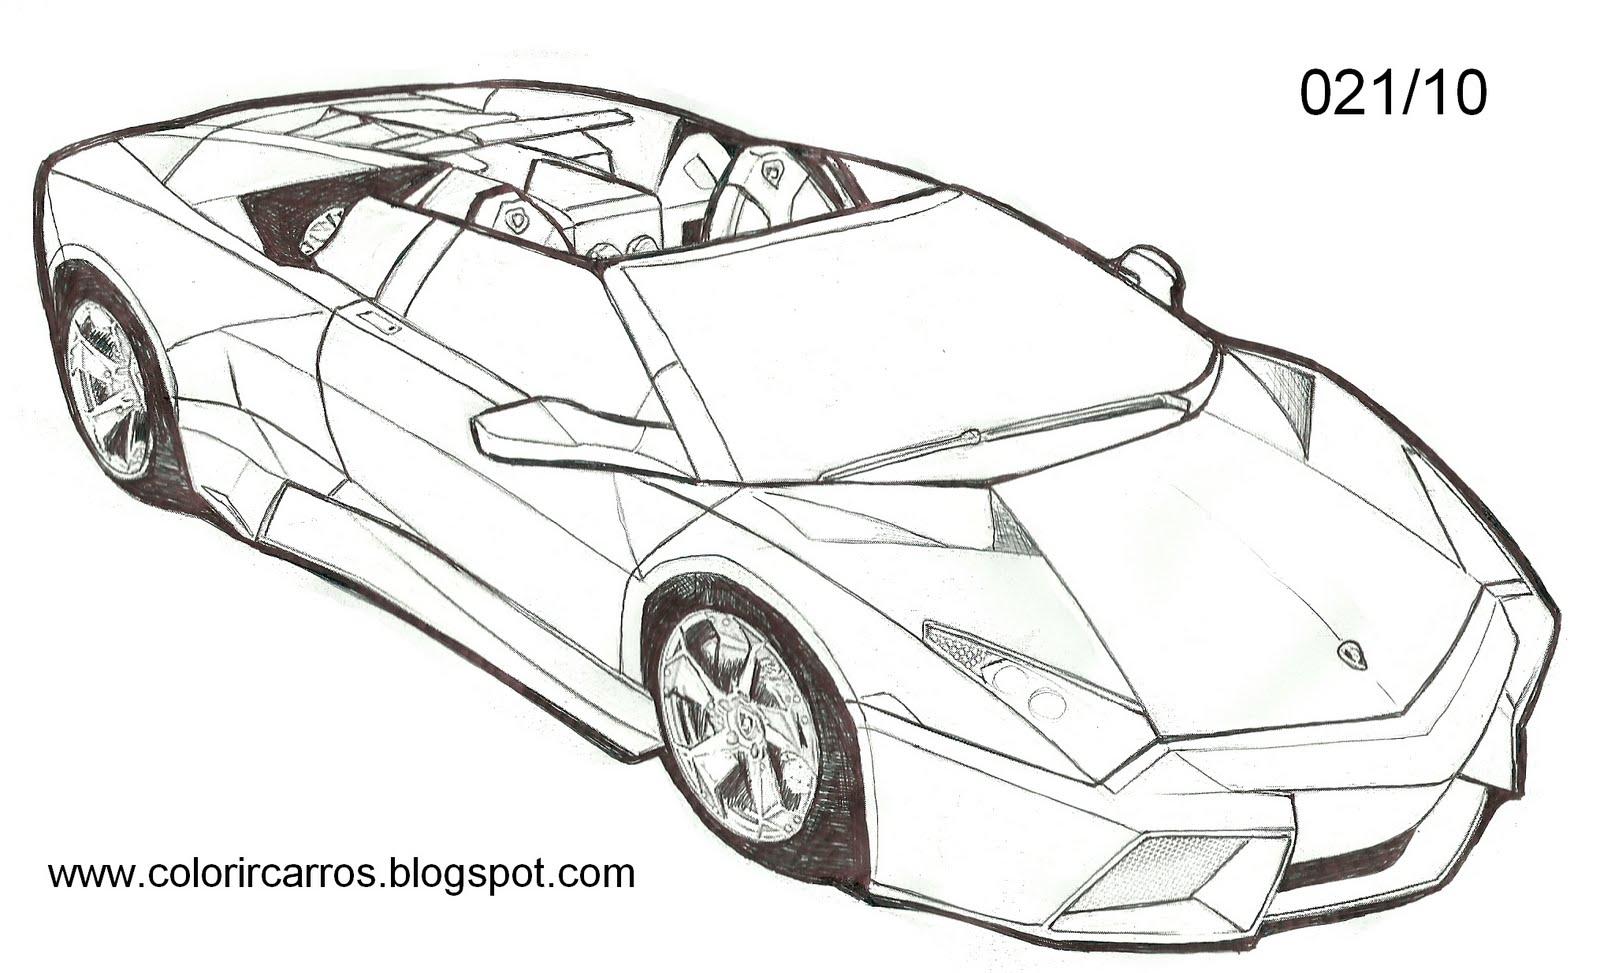 dibujos de dibujar carros ferrari s